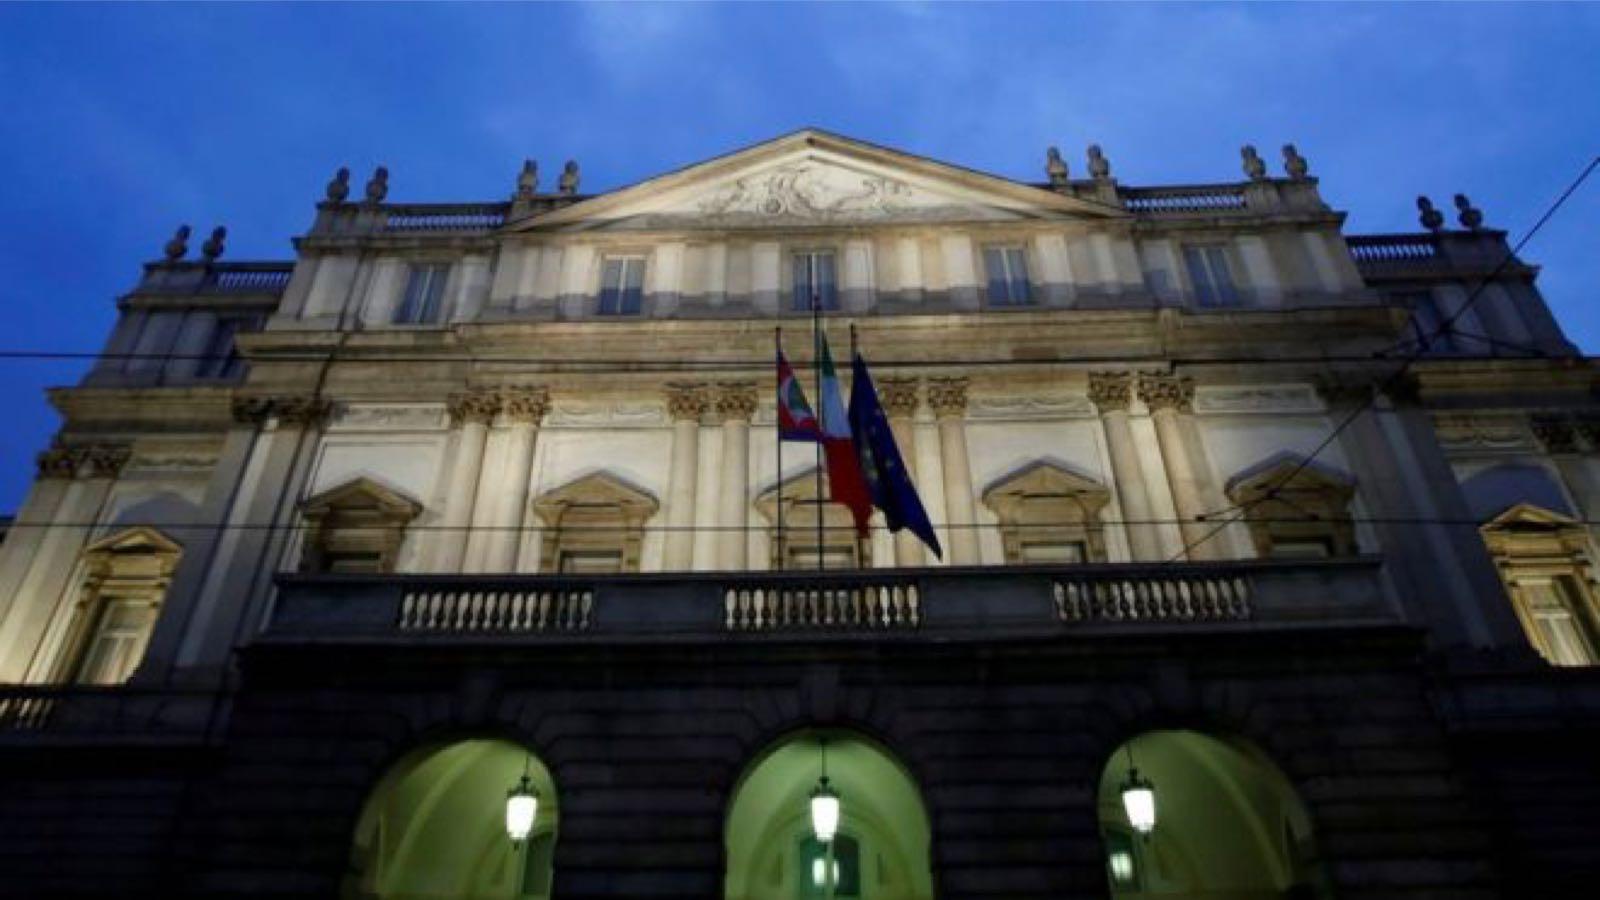 意大利米兰著名歌剧院斯卡拉歌剧院 图源:路透社